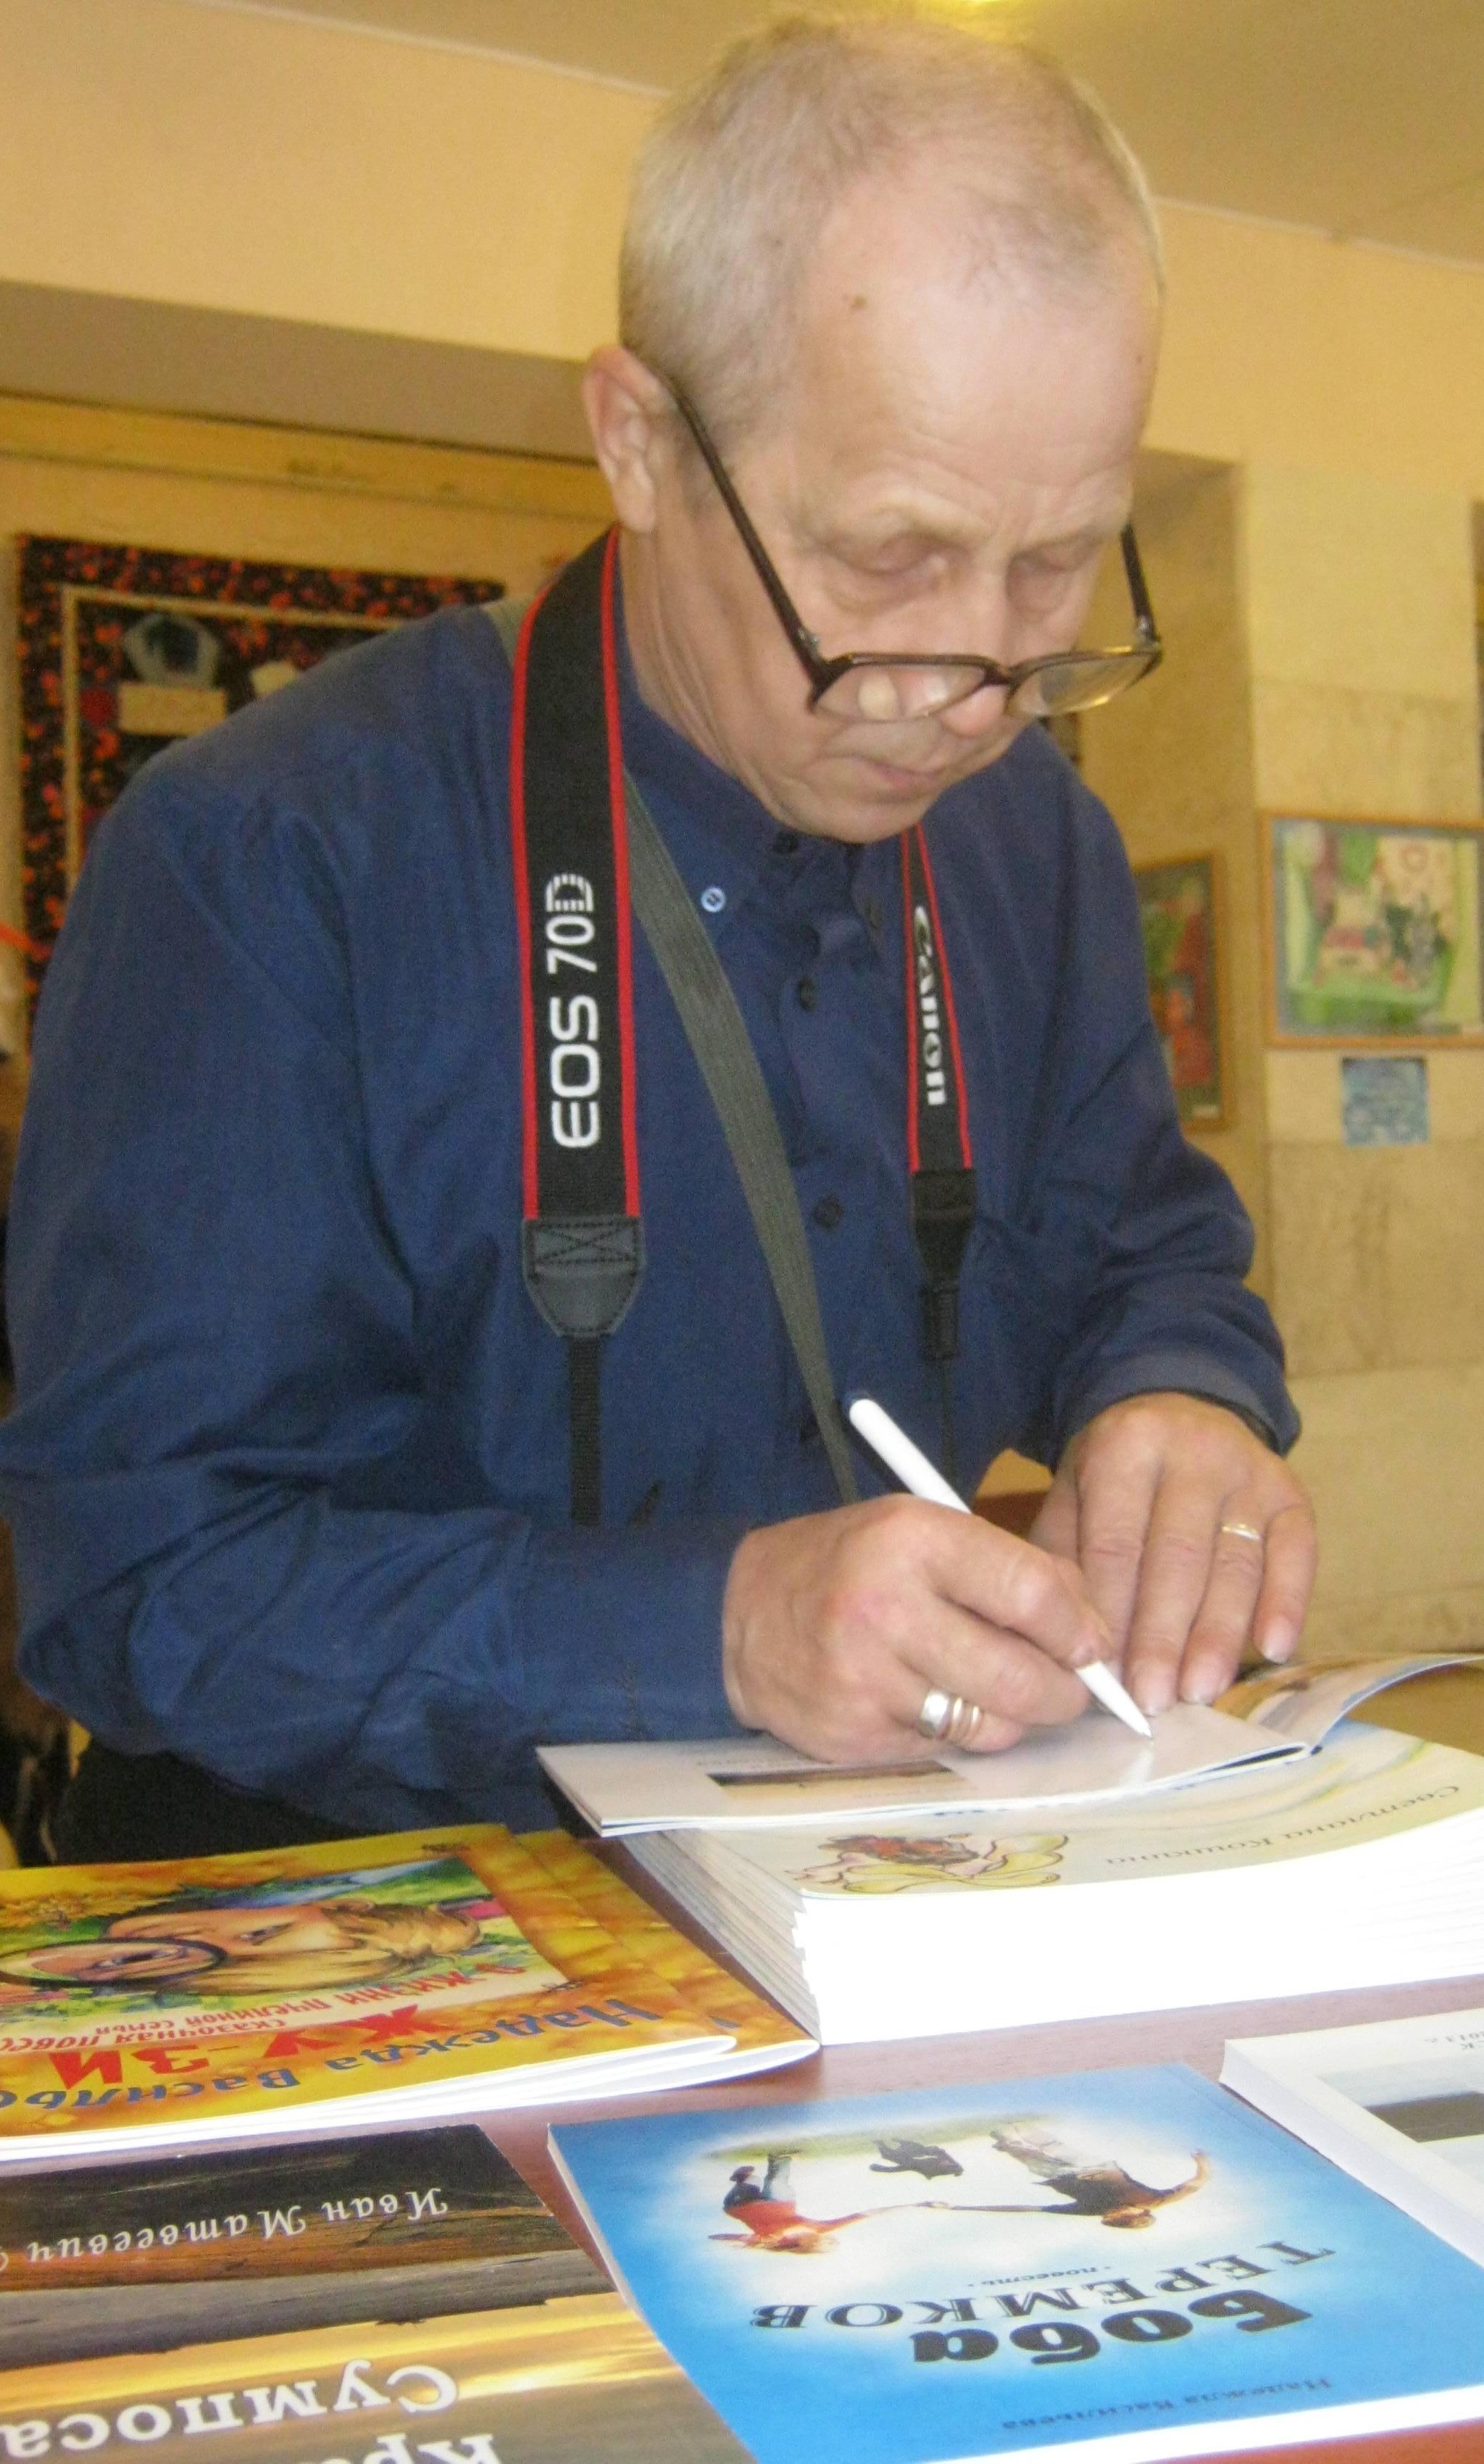 Виктор Дрягуев подписывает авторский фотоальбом. 20 декабря 2014 г. Фото С. Кошкиной